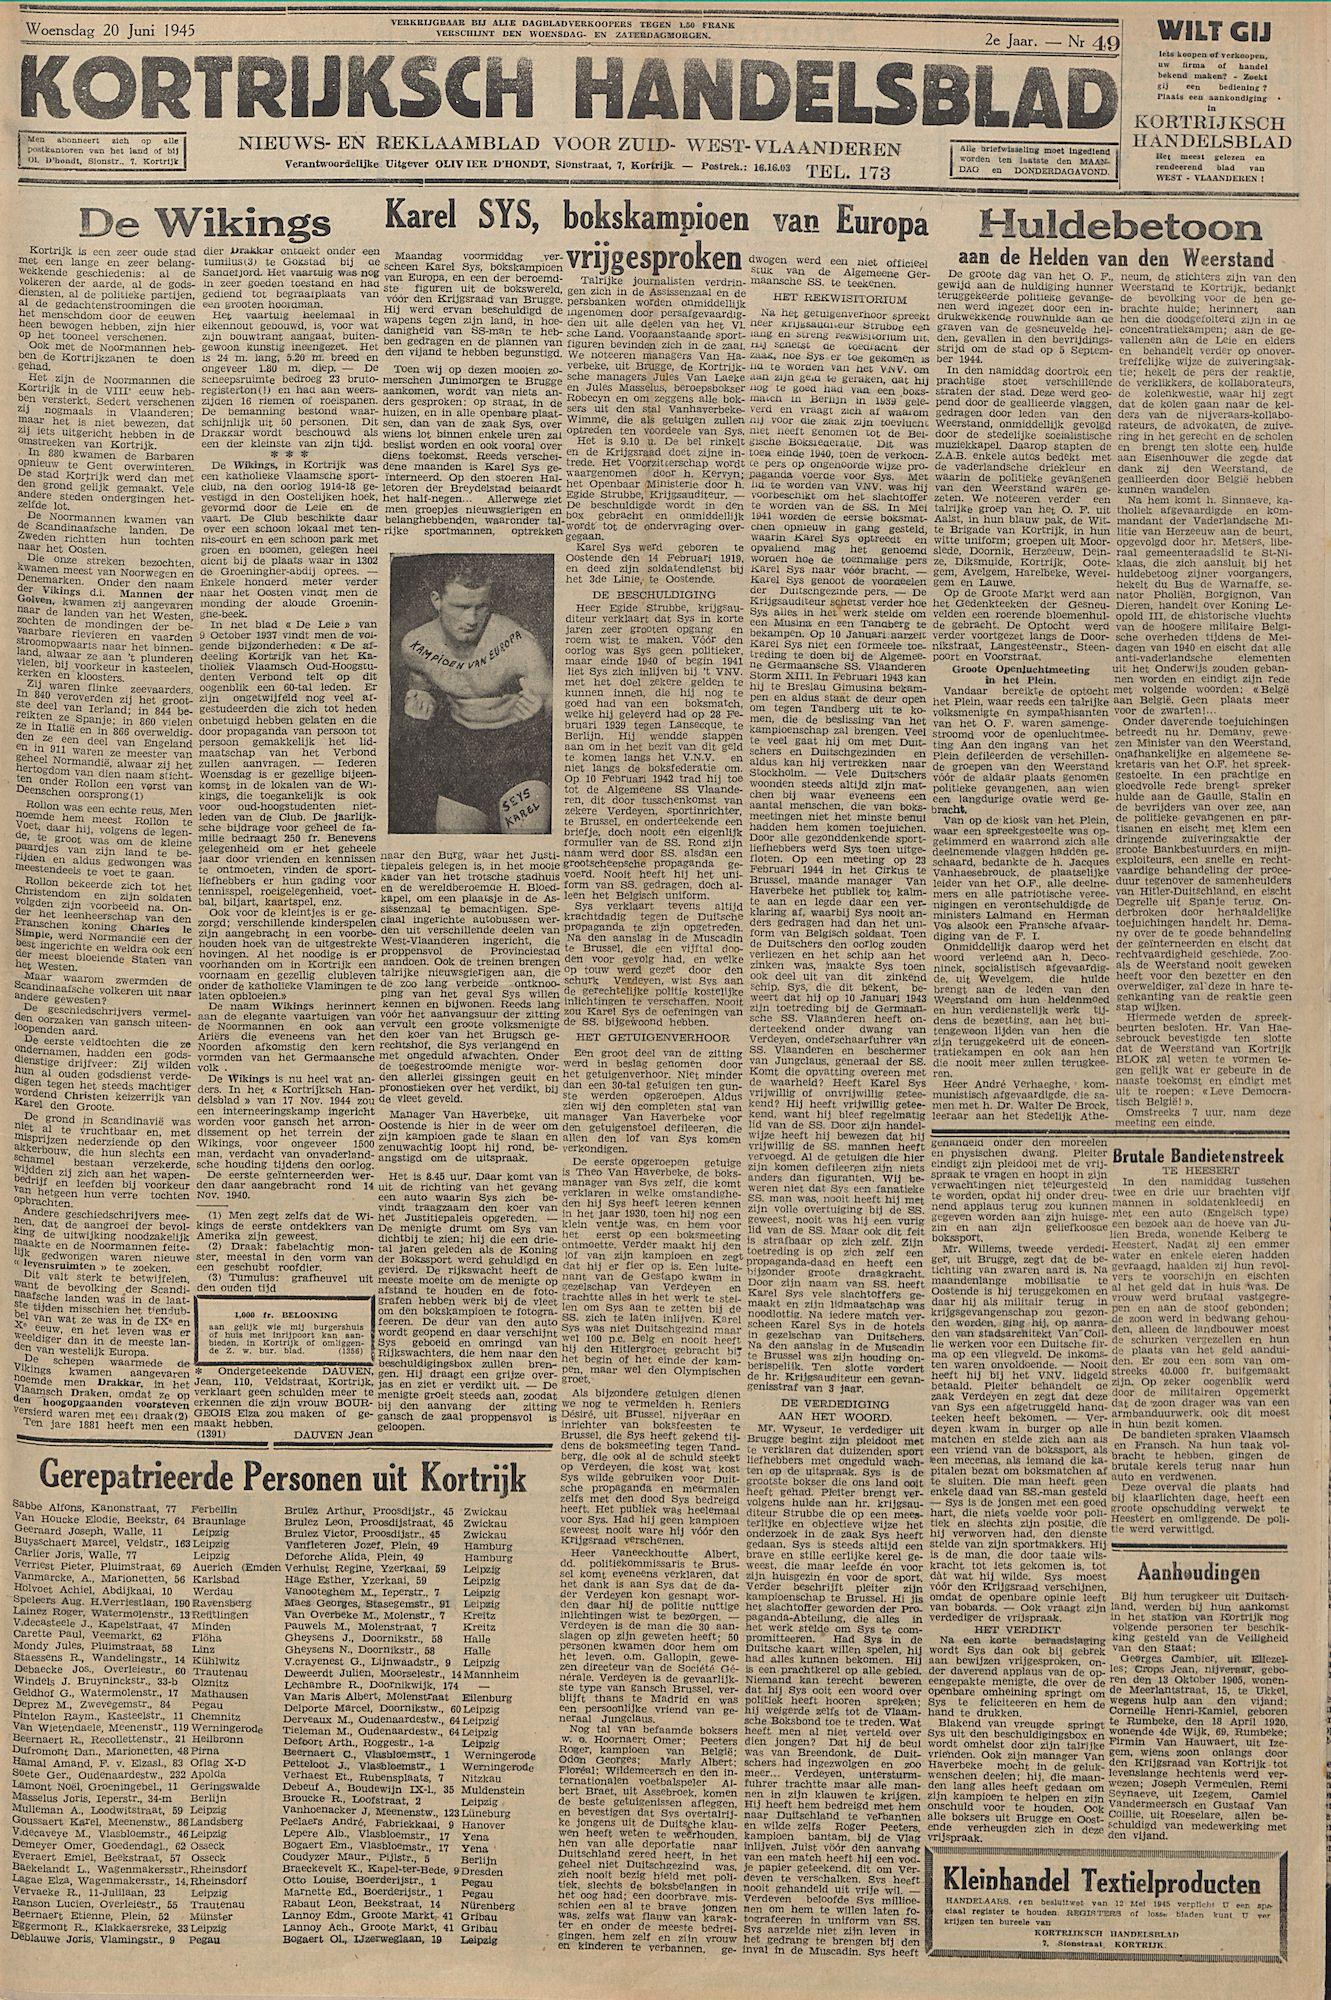 Kortrijksch Handelsblad 20 juni 1945 Nr49 p1